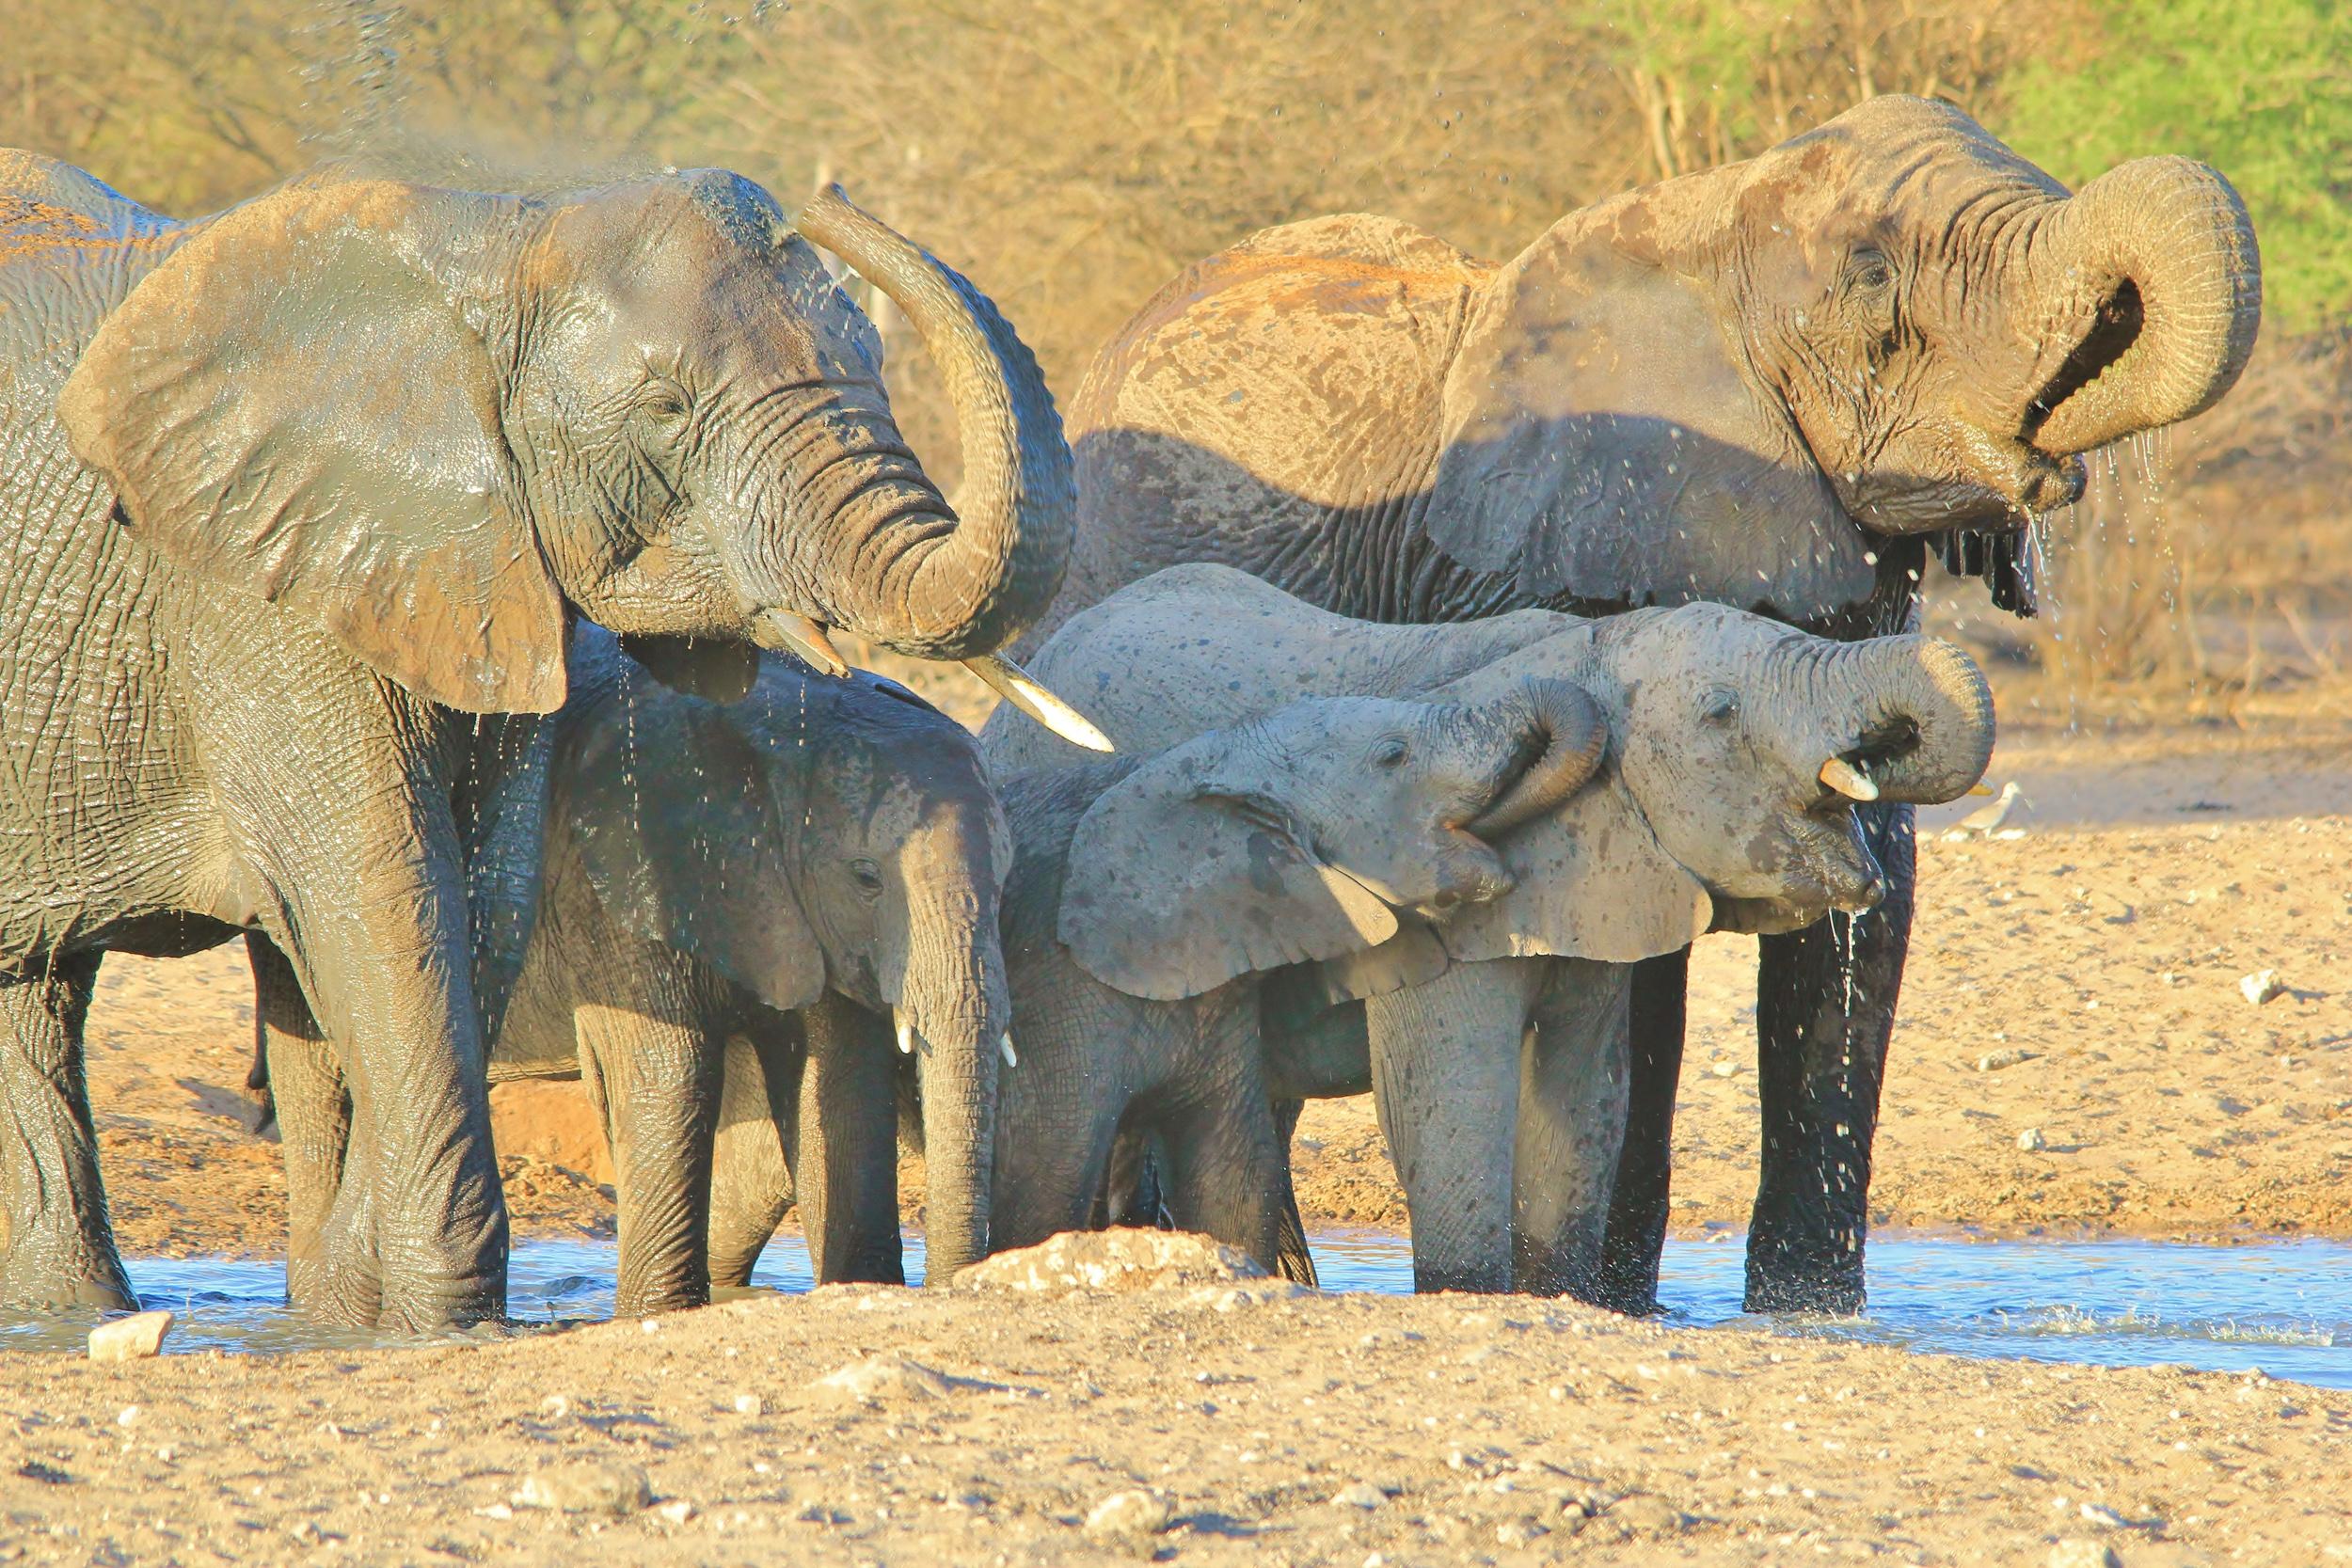 Andries-Alberts - Elephant pleasure of water_.jpg